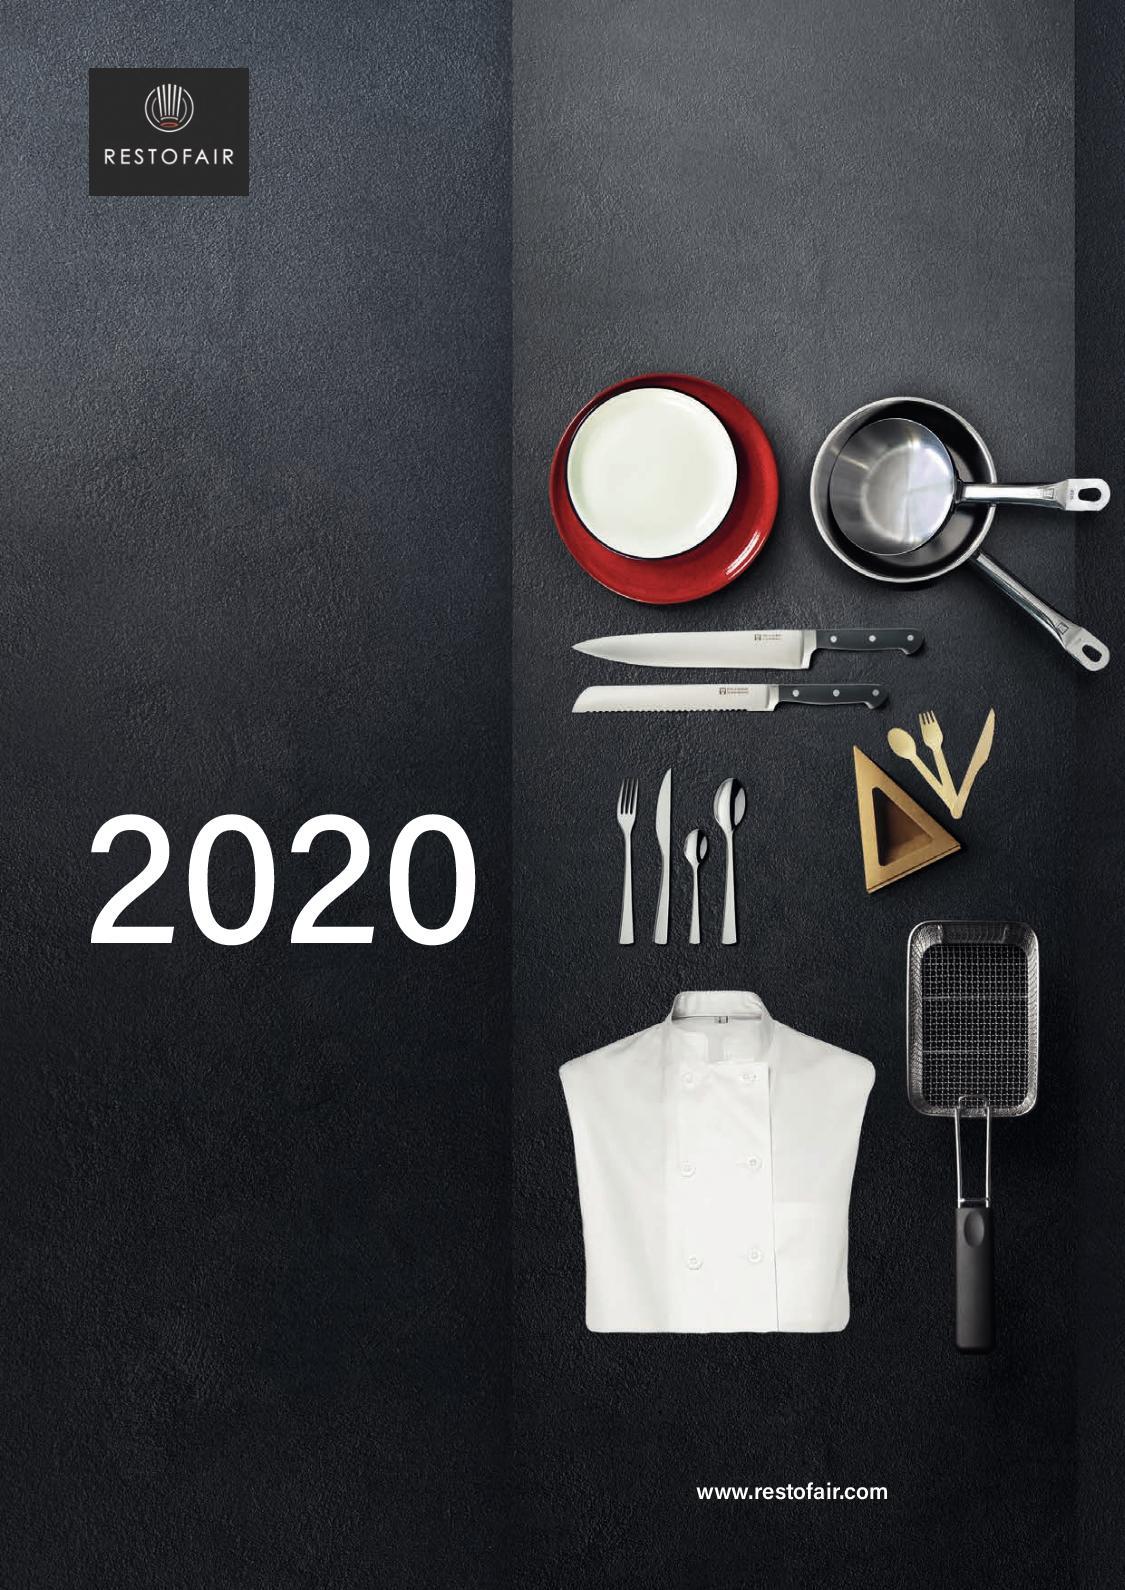 ABBEY Gant de cuisine Double-face pour traiteur professionnel pour Chef cuisinier cuisine de restaurant /él/égante scolaire College Bistro Double gant de cuisine 100/% coton de qualit/é-Mitaines